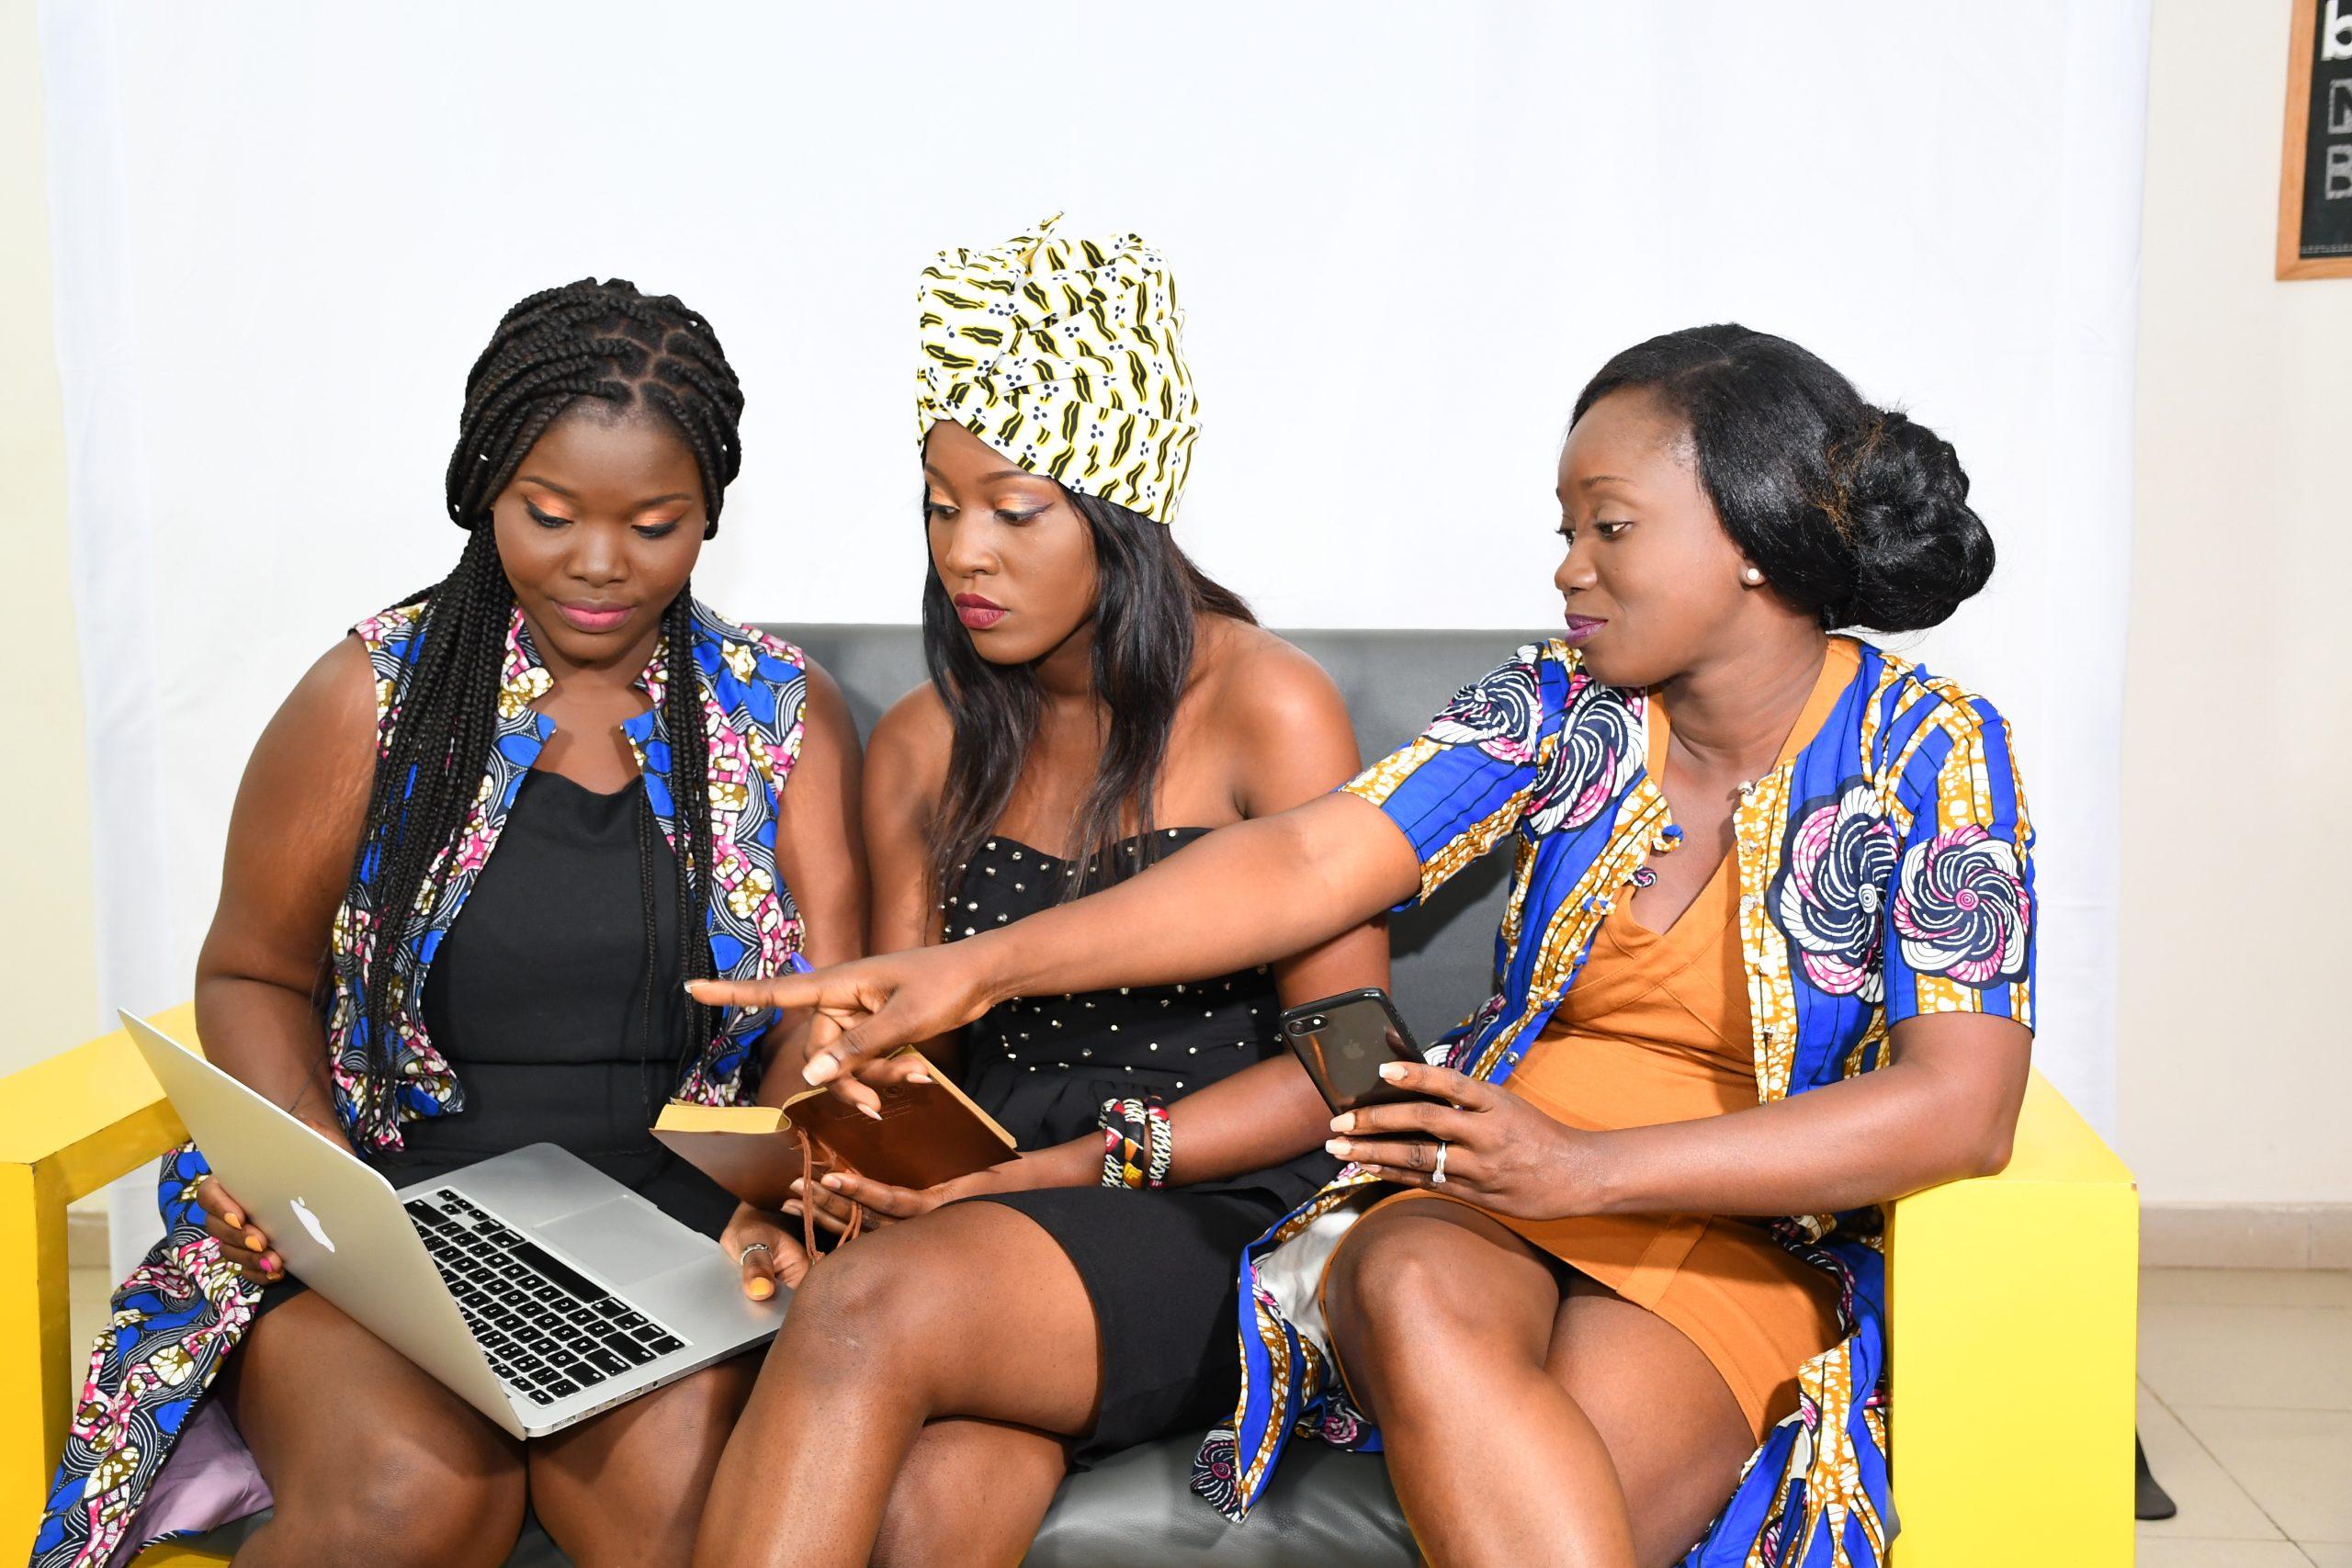 consommatrices africaines (beauté et cosmétiques)